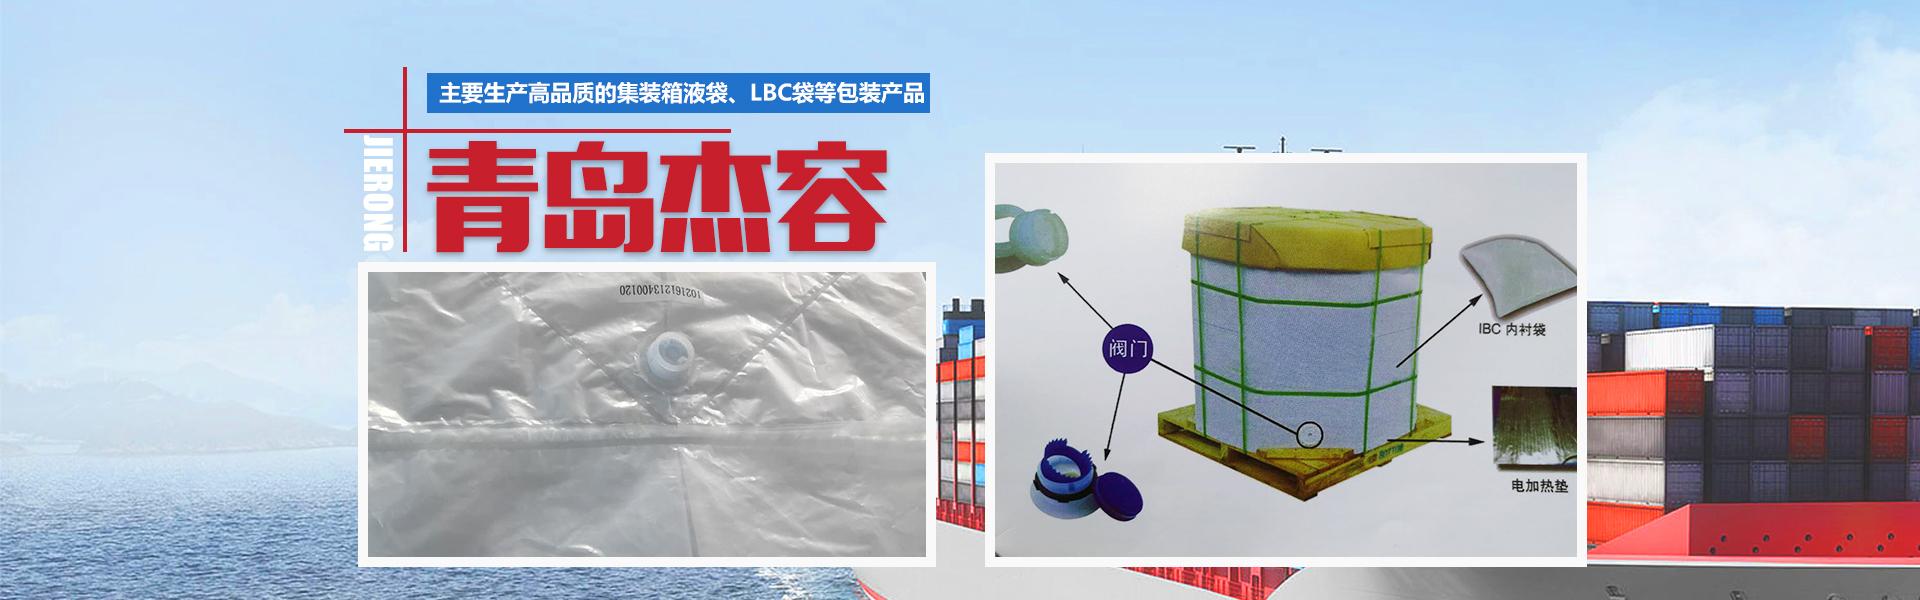 青岛杰容包装有限公司是一家以集装箱液袋,IBC内衬袋等产品的研发、生产、销售、服务于一体的包装企业。